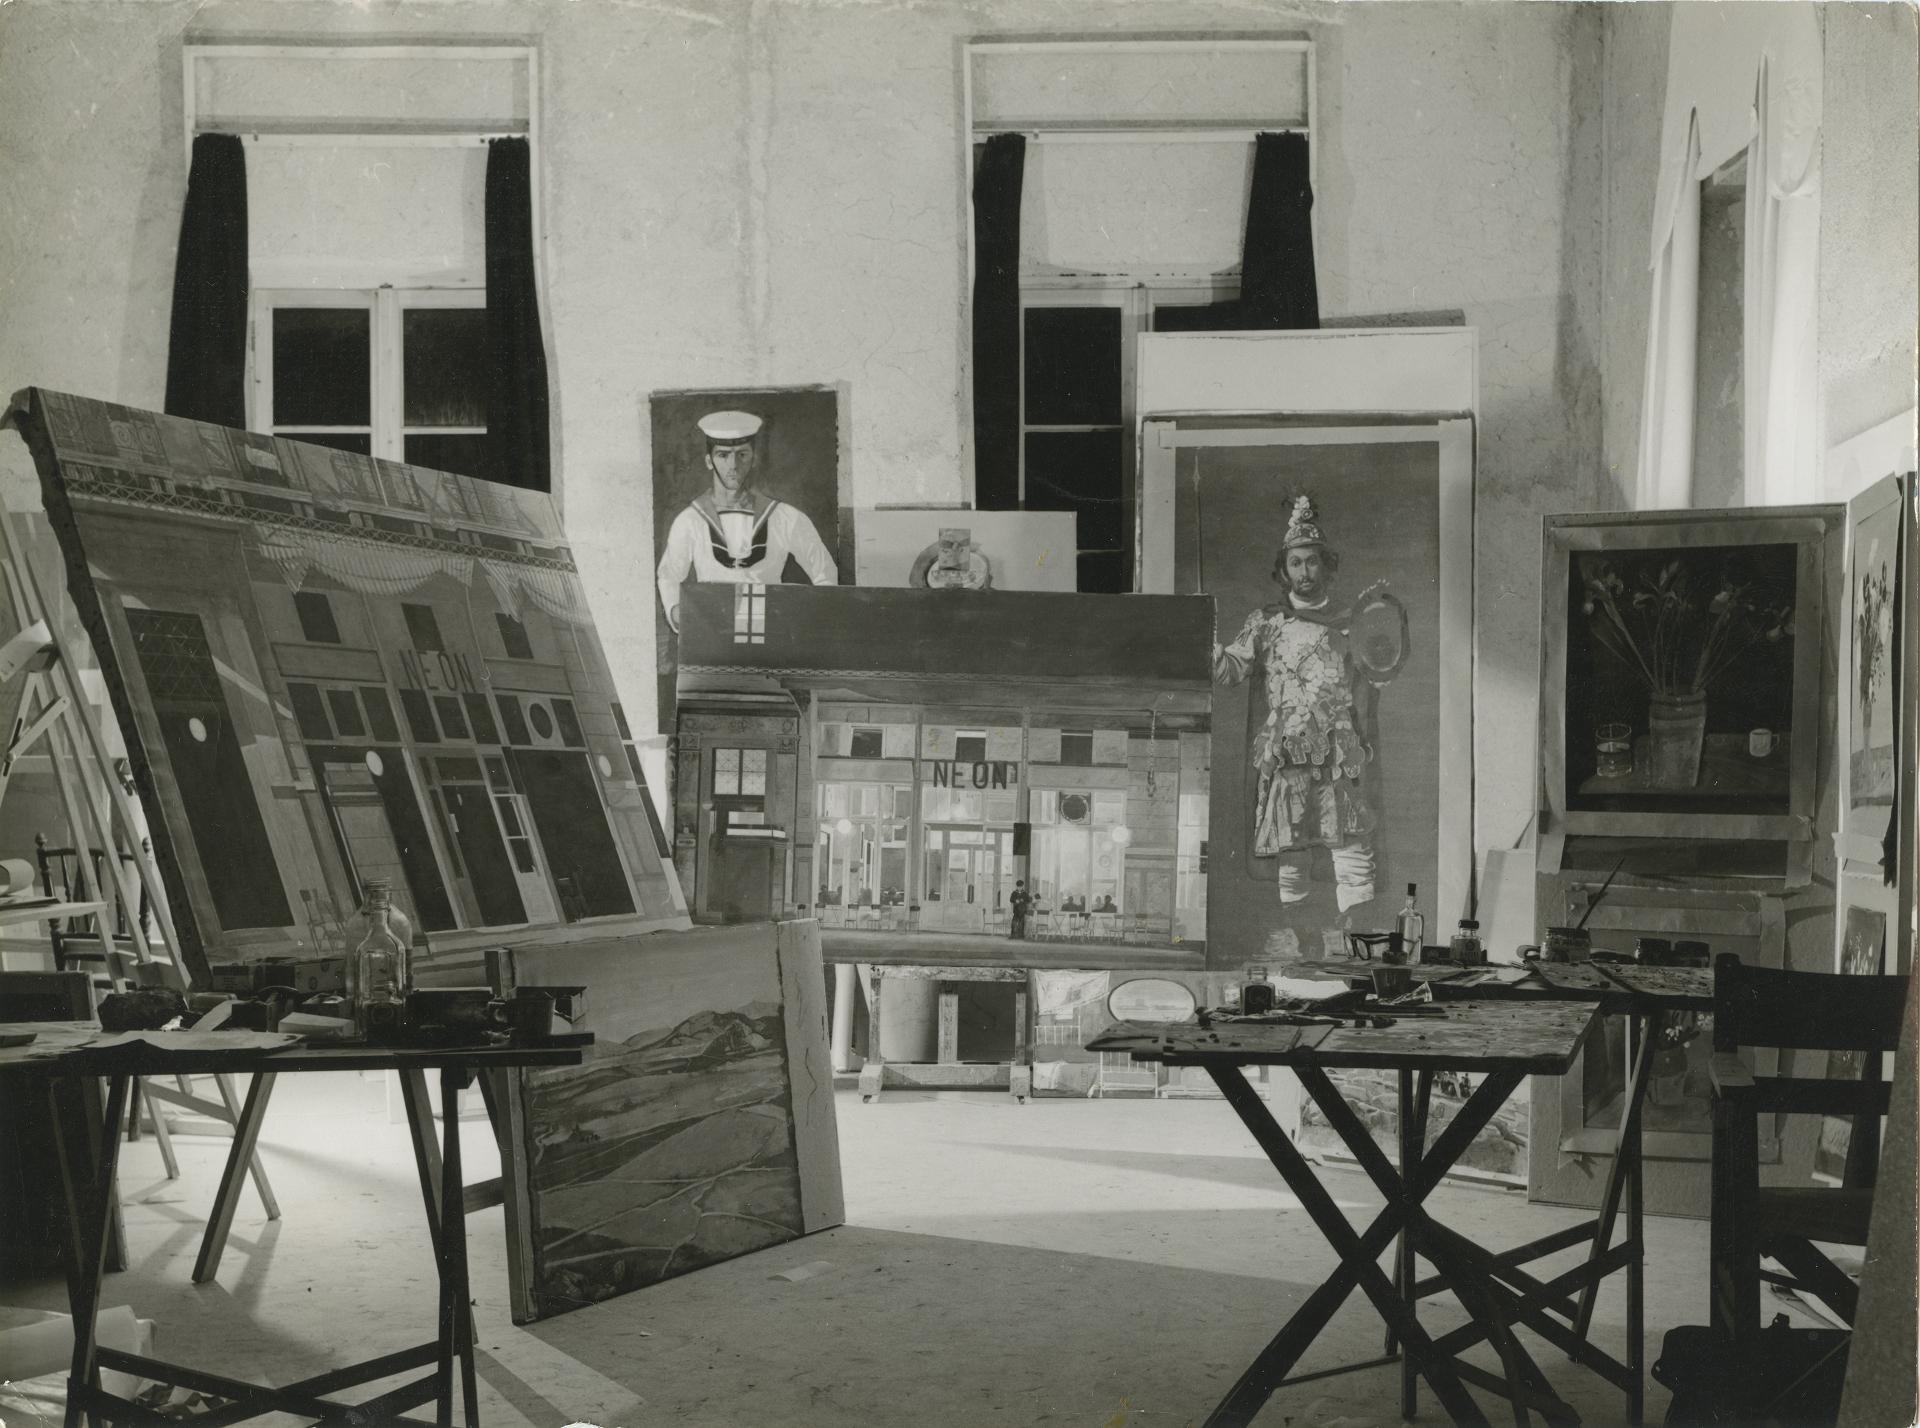 Το σπίτι, εργαστήριο και Μουσείο του Γιάννη Τσαρούχη